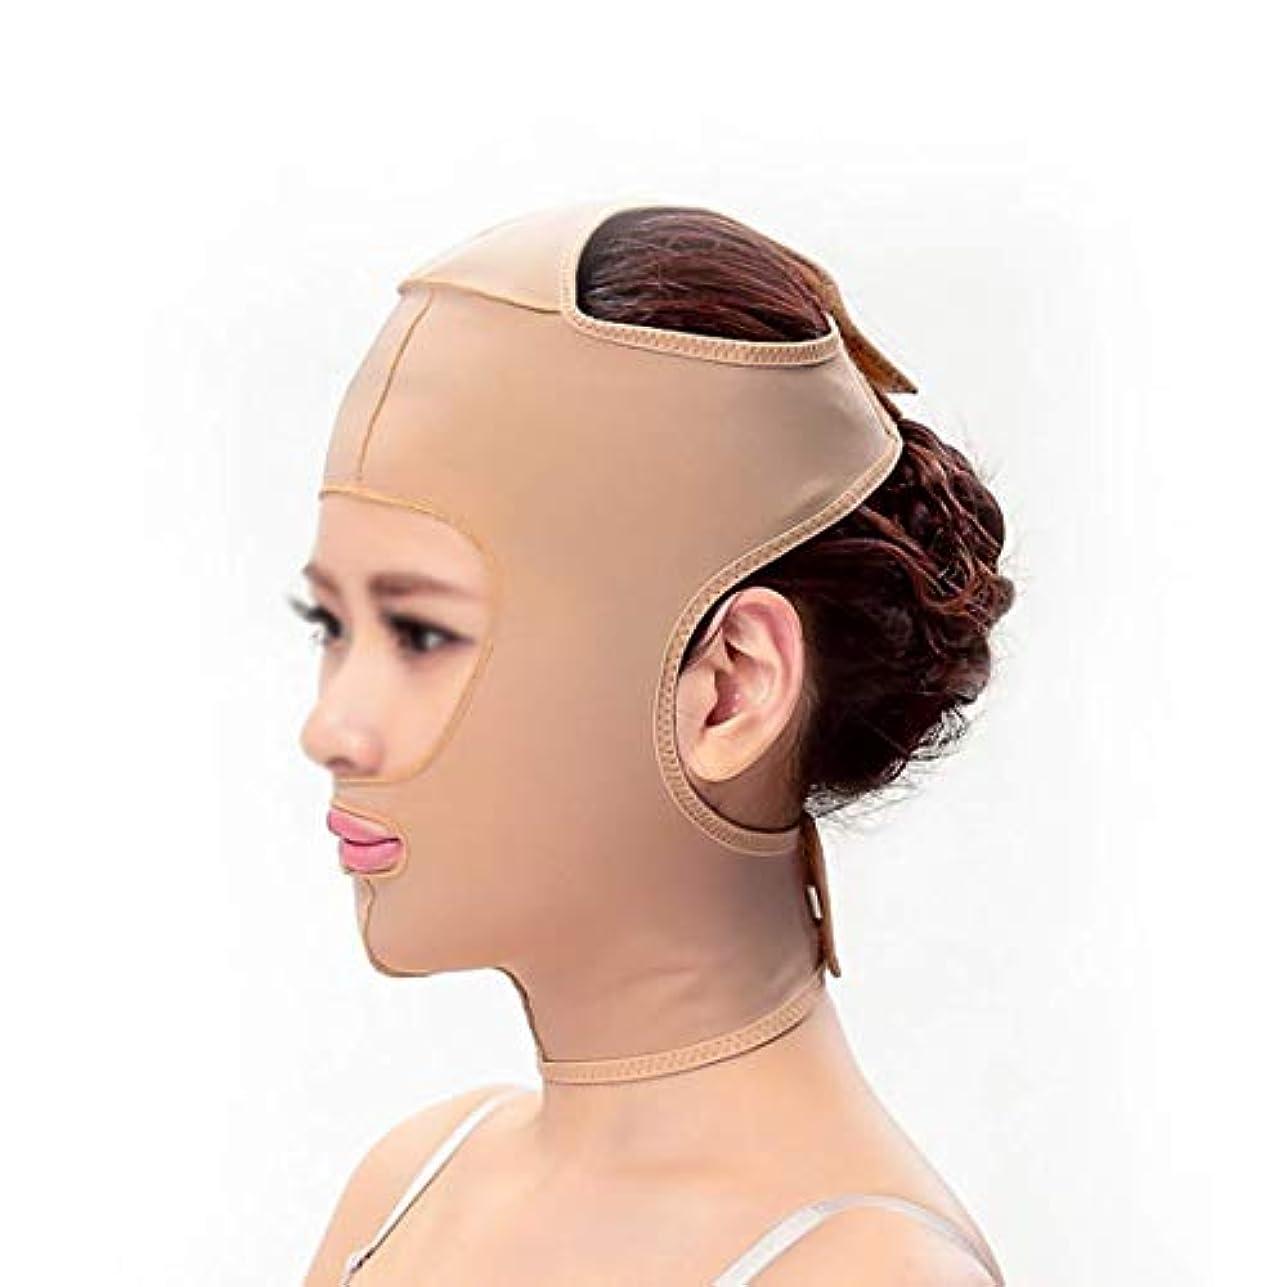 ハロウィンシェトランド諸島登録スリミングベルト、フェイシャルマスク薄いフェイスマスク布布パターンを持ち上げるダブルあご引き締めフェイシャルプラスチック顔アーティファクト強力な顔包帯(サイズ:XXL)